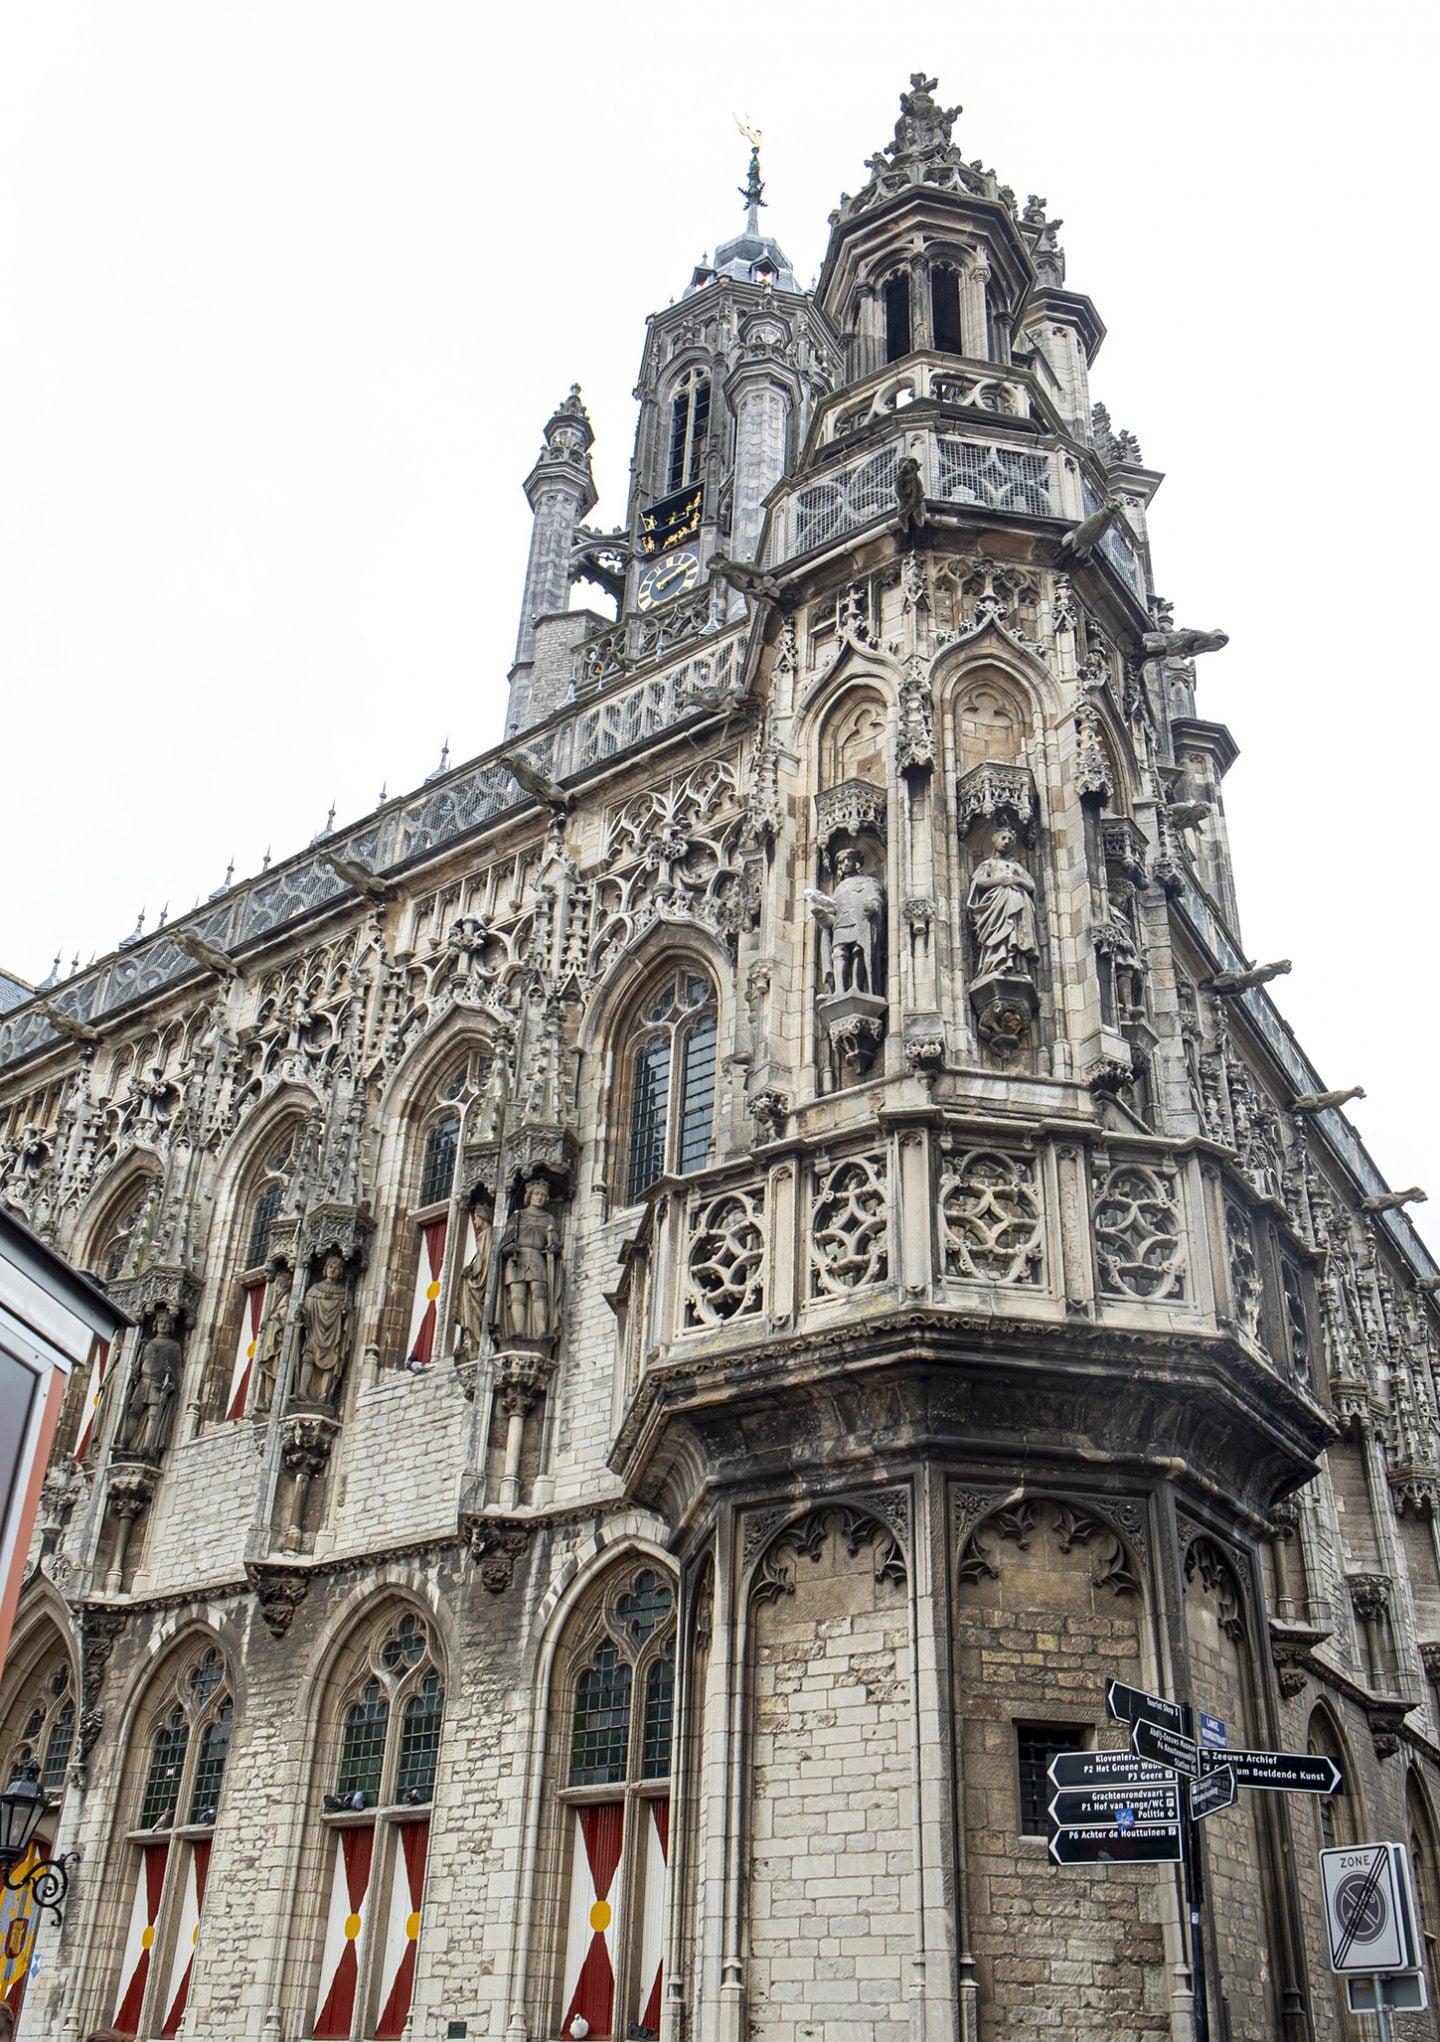 Hierna kwamen we uit in Middelburg, de hoofdstad van de provincie Zeeland.